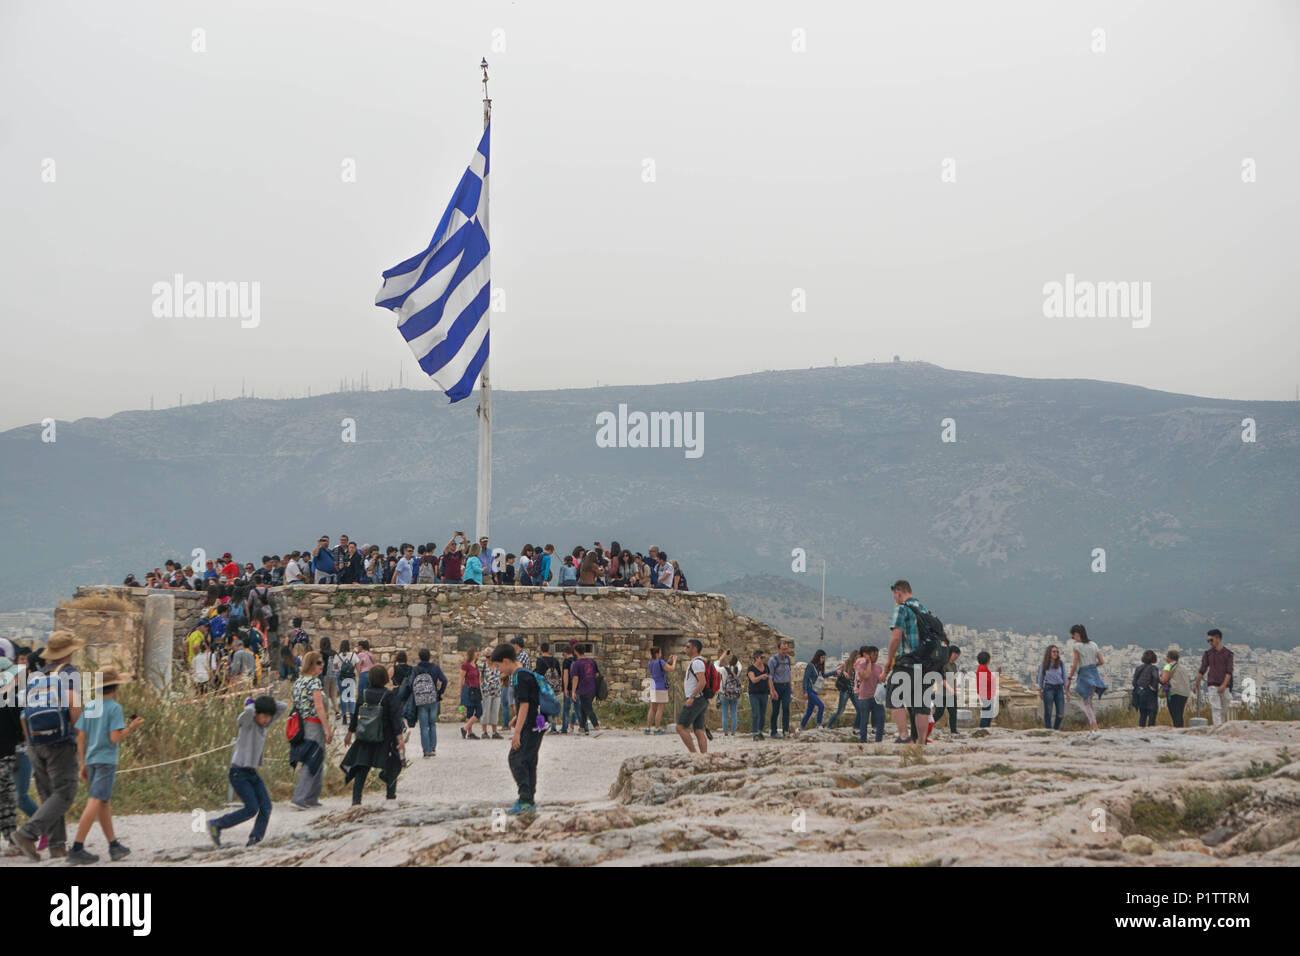 Athen, Griechenland - 16. April 2018: Touristen um die griechische Flagge auf der Akropolis von Athen sammeln, unter einem dunstigen Himmel durch Staub Verschmutzung verursacht. Stockbild